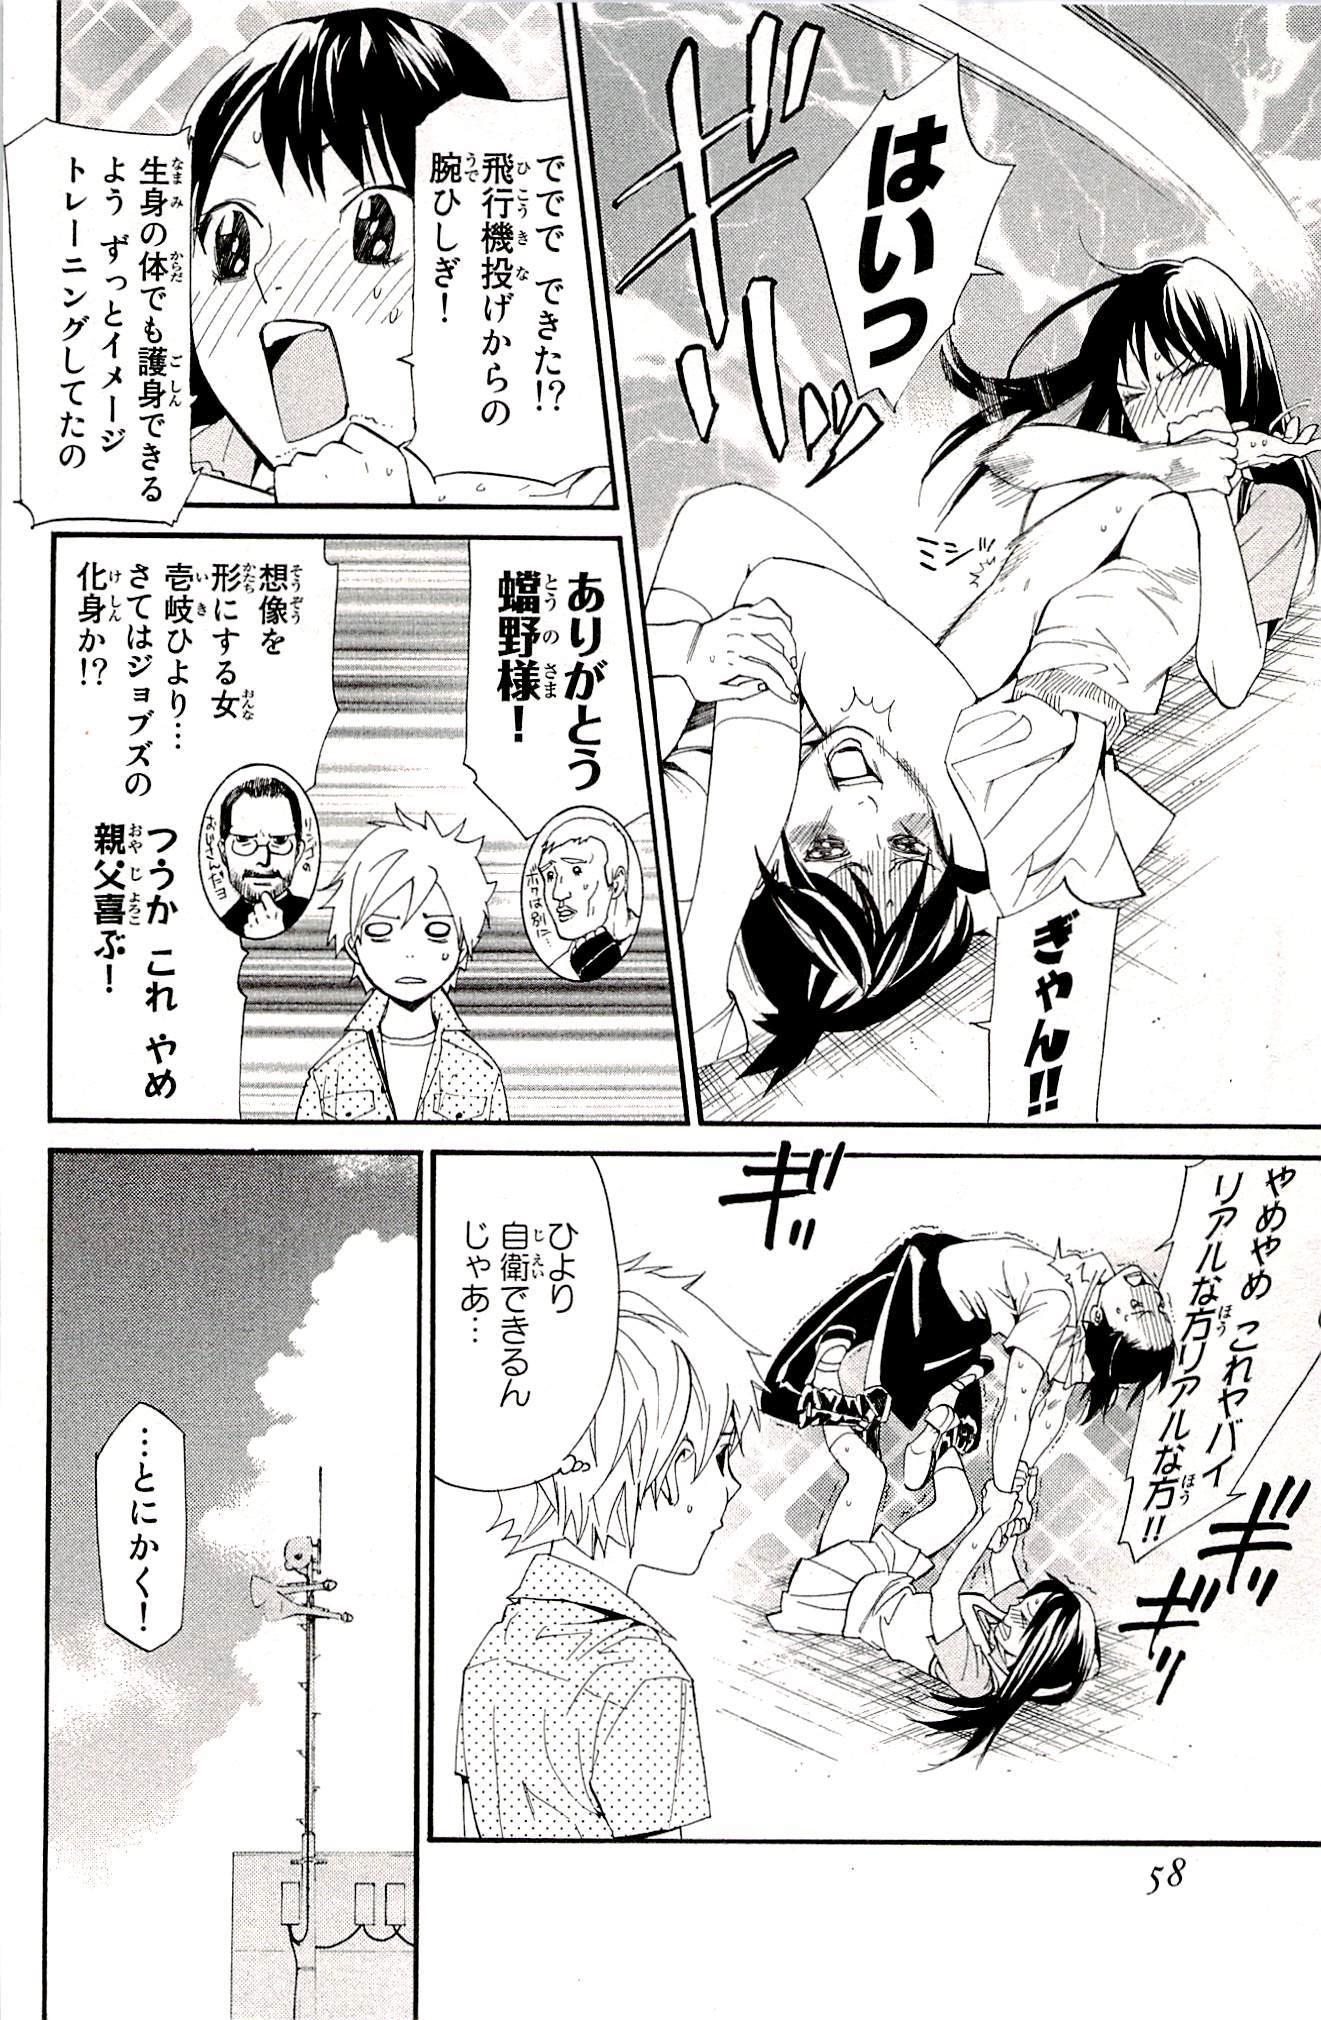 noragami-13_062.jpg